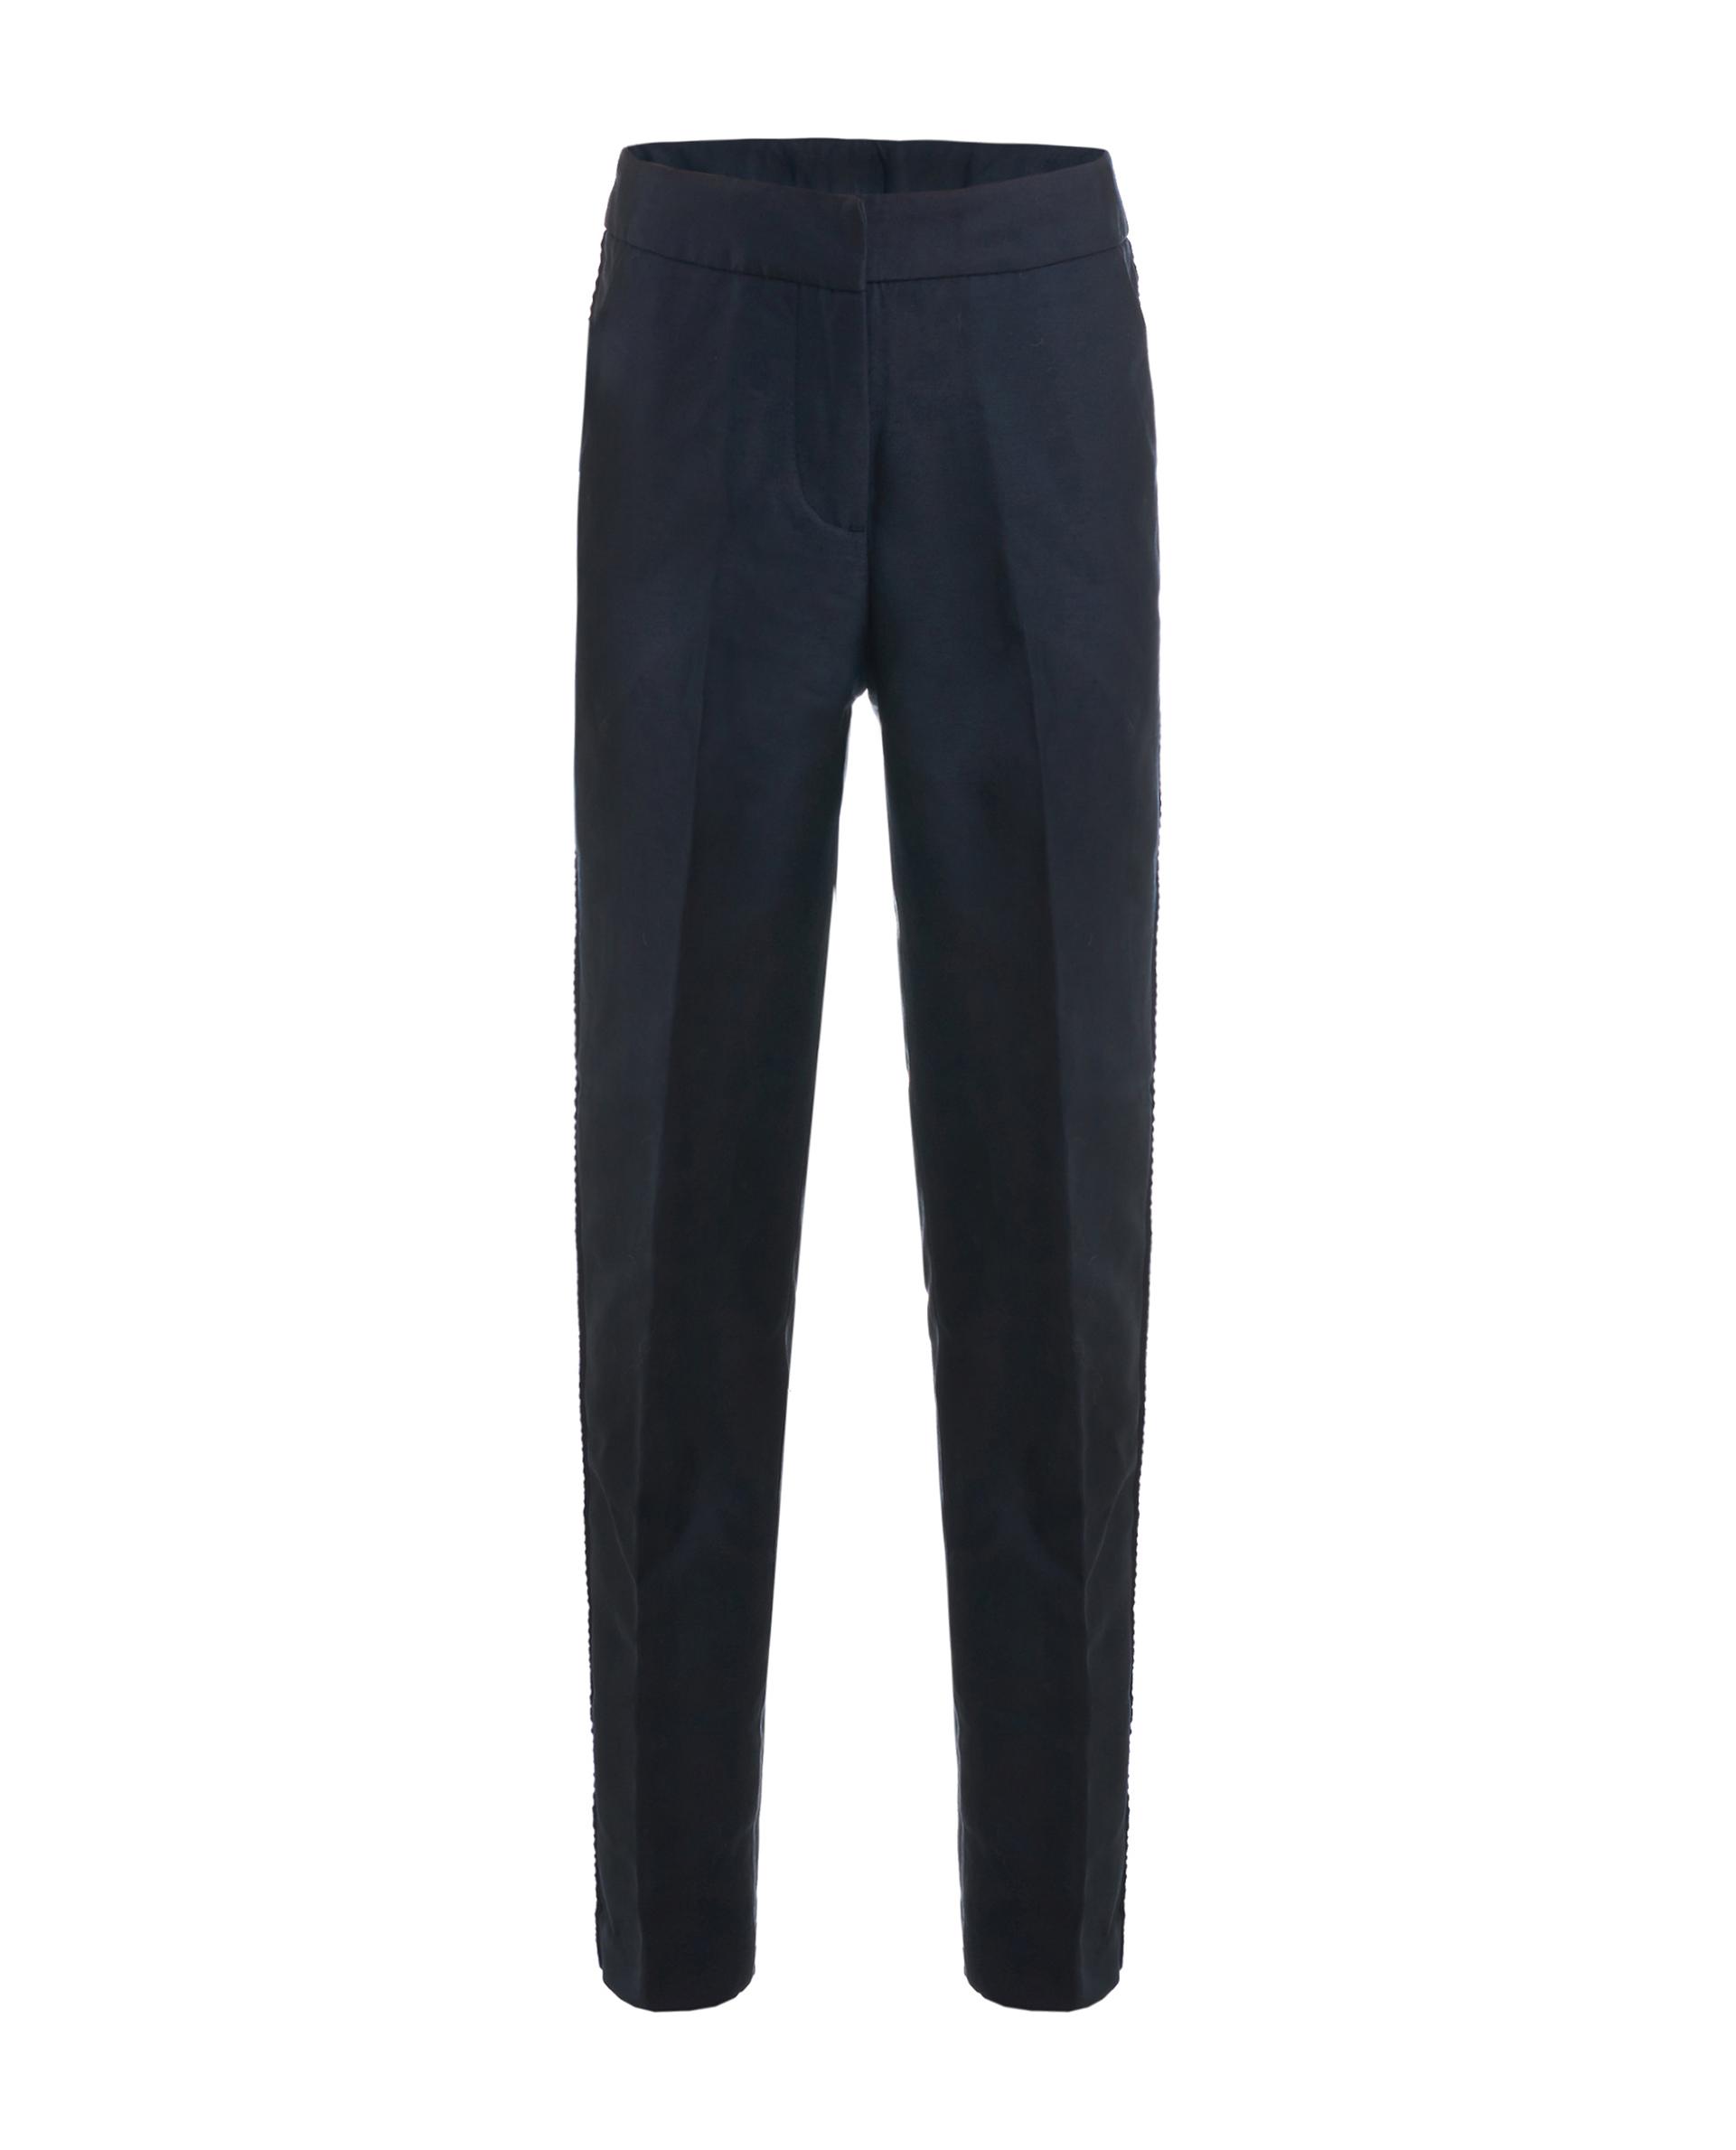 Купить 219GSGC6302, Синие брюки с лампасами Gulliver, синий, 128, Женский, ШКОЛЬНАЯ ФОРМА 2019-2020 (shop: GulliverMarket Gulliver Market)